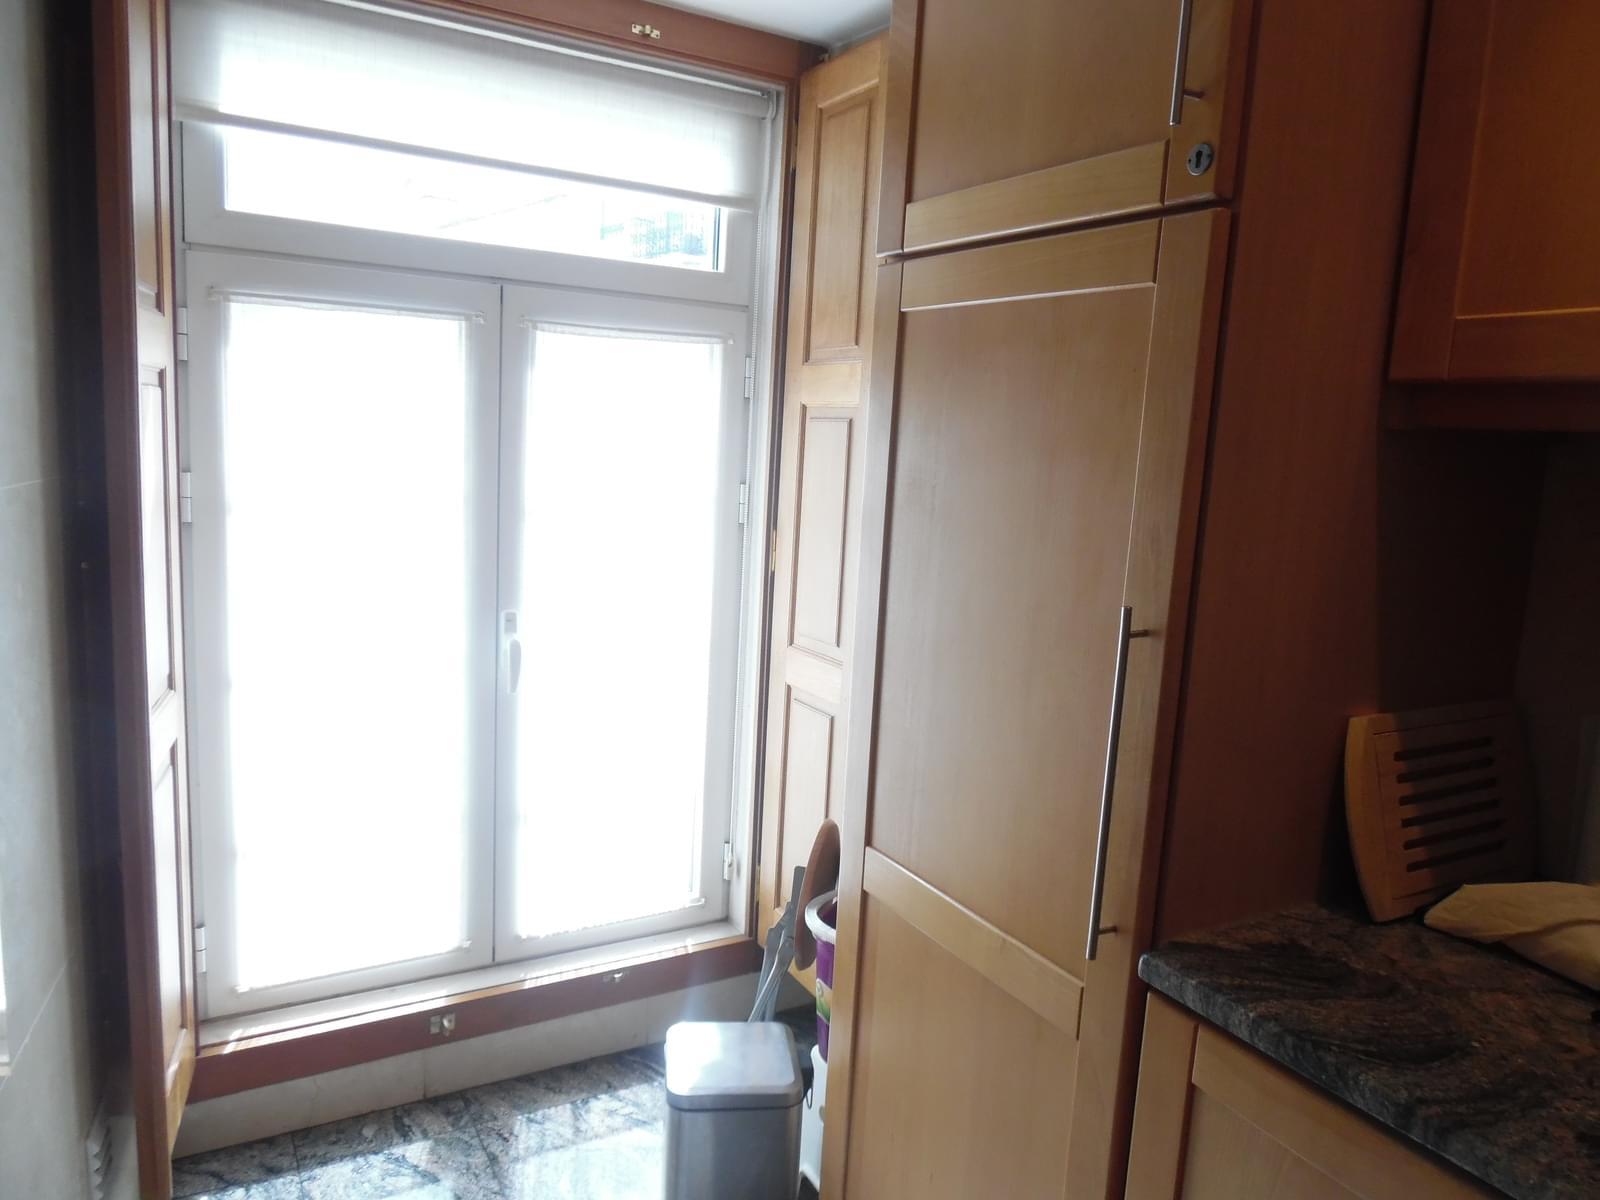 pf16905-apartamento-t1-lisboa-5663bbc2-70ec-4736-bc9b-db7d47e11ff9